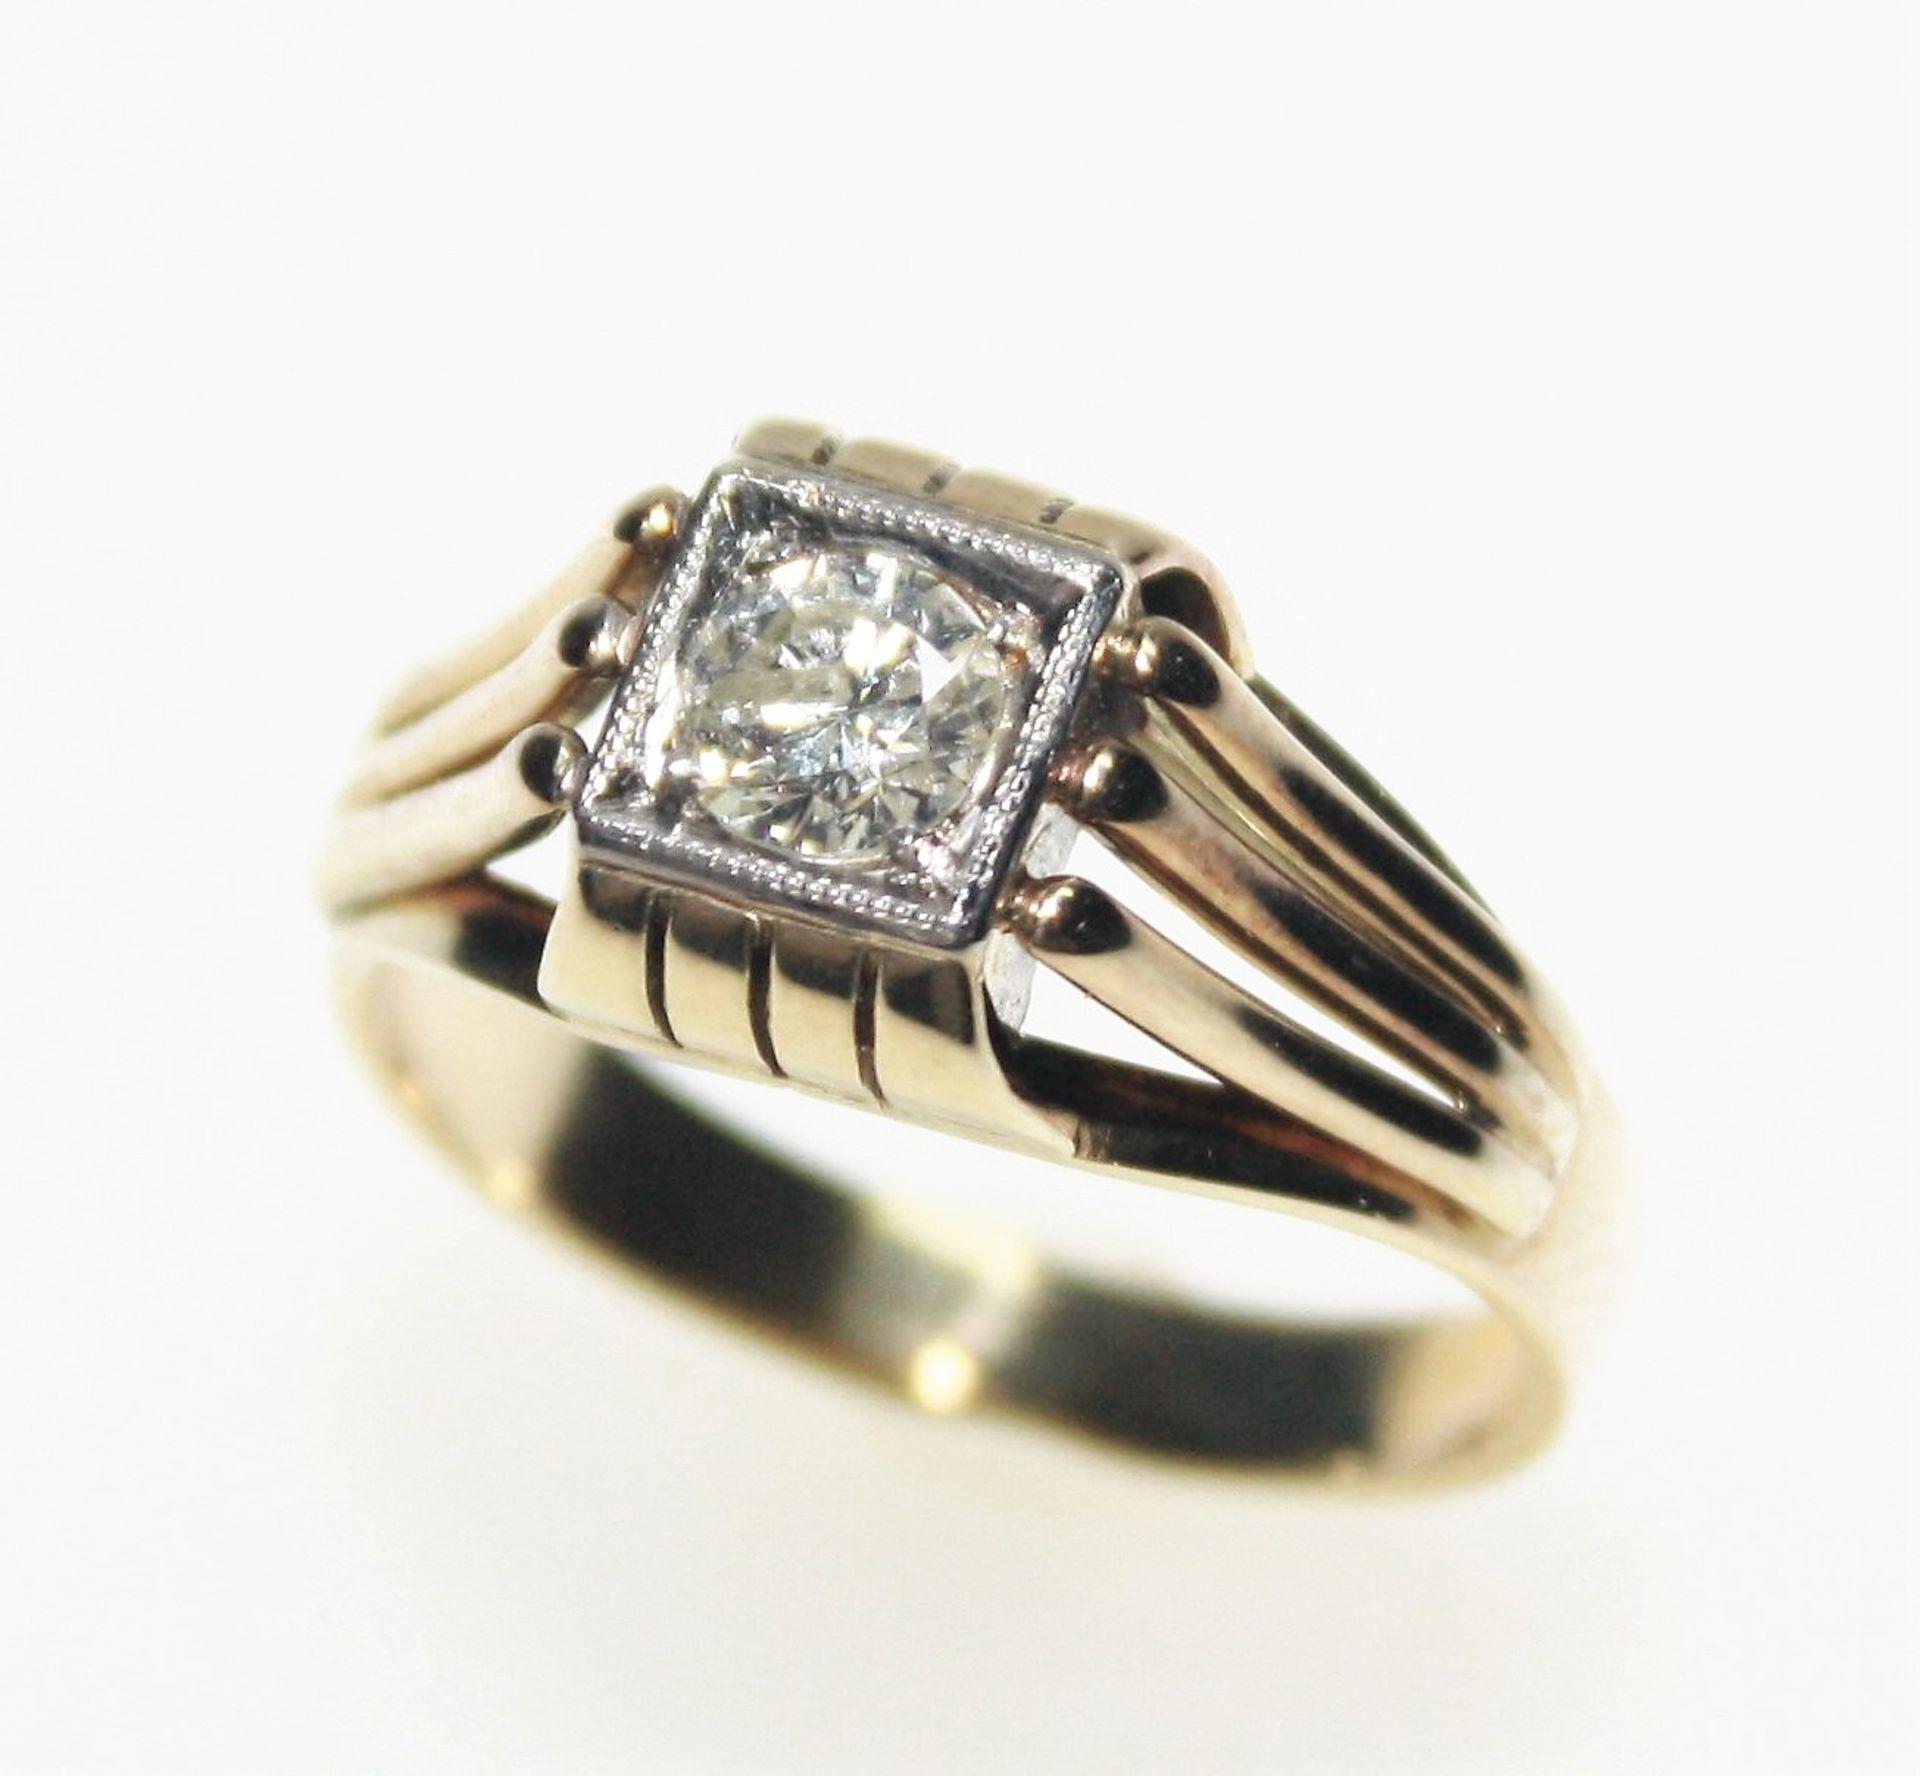 Älterer, goldener Ring 585/f gest., in quadratischer Weißgoldfassung ein Diamantsolitär ca. 0,55